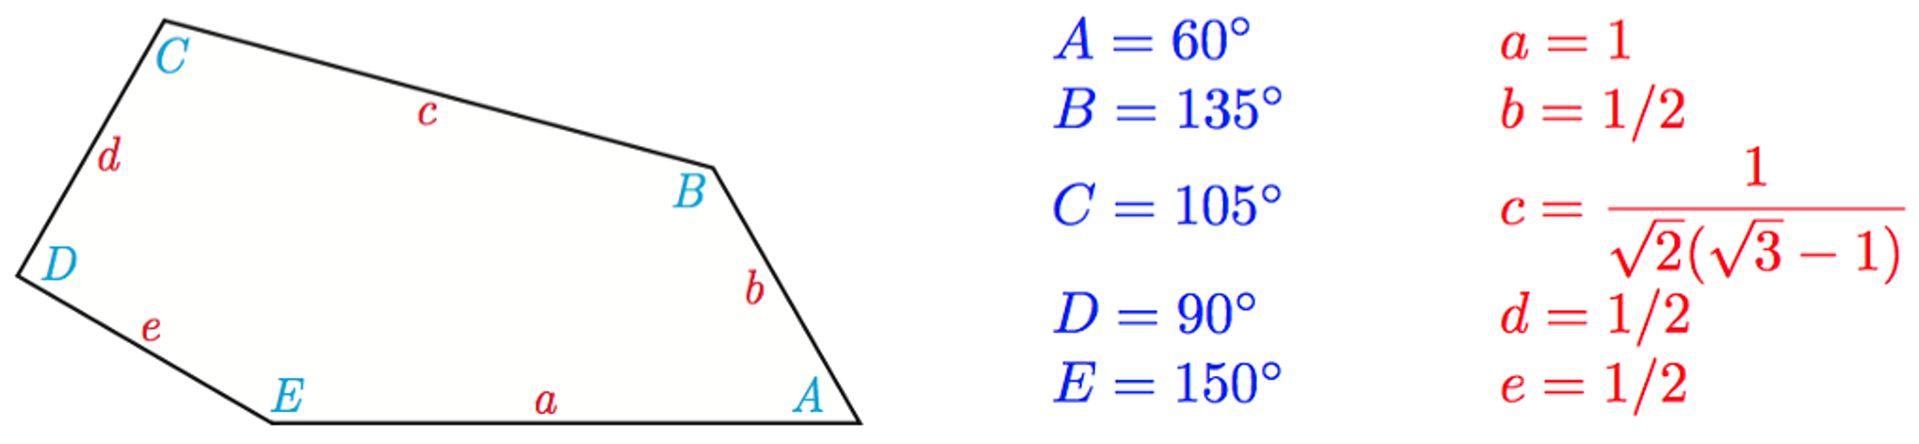 Το δέκατο πέμπτο πεντάγωνο που μπορεί να επιστρώσει ένα επίπεδο Πηγή Casey Mann